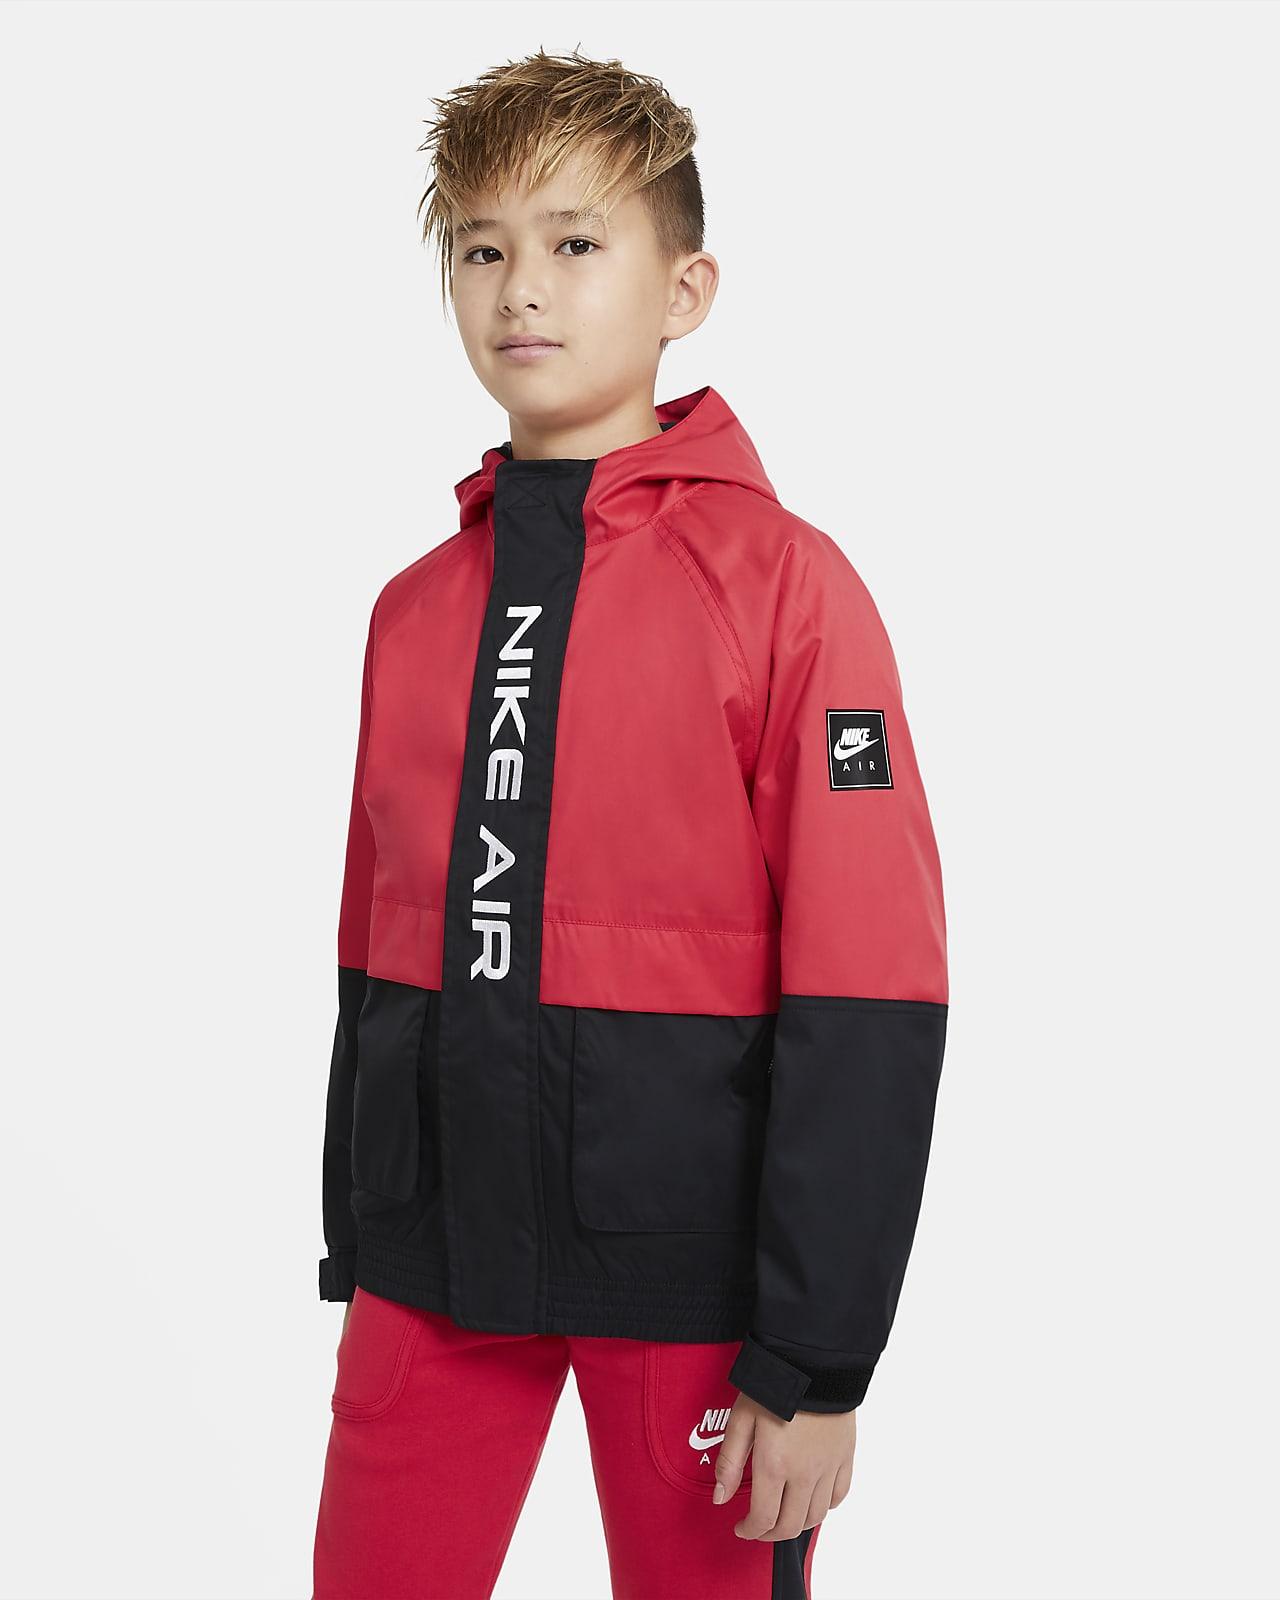 Куртка из тканого материала для мальчиков школьного возраста Nike Air